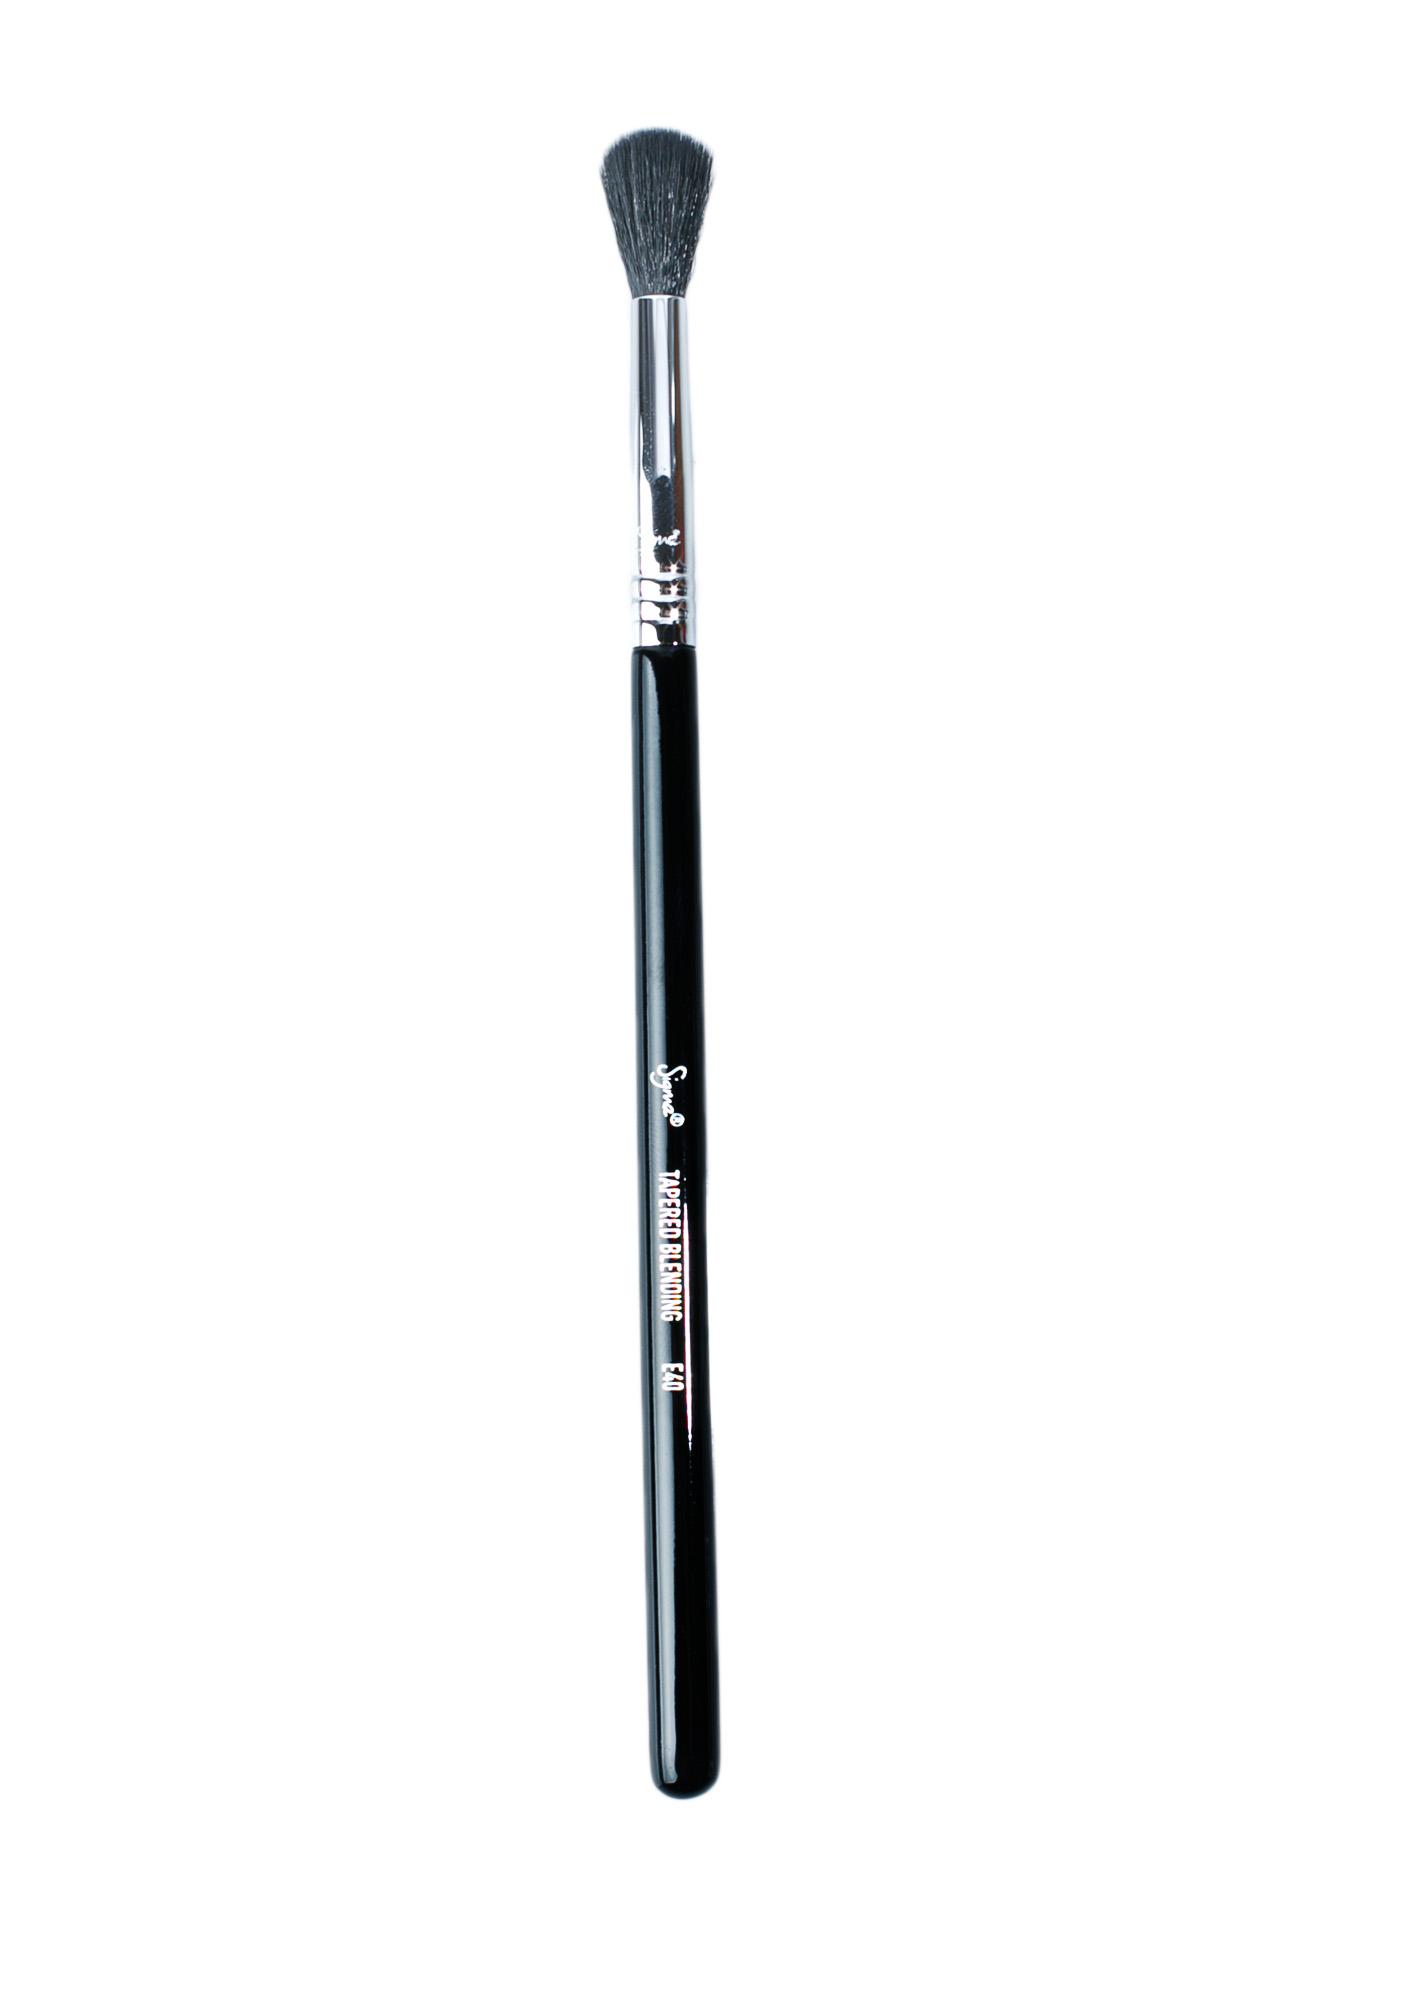 Sigma Tapered Blending Brush